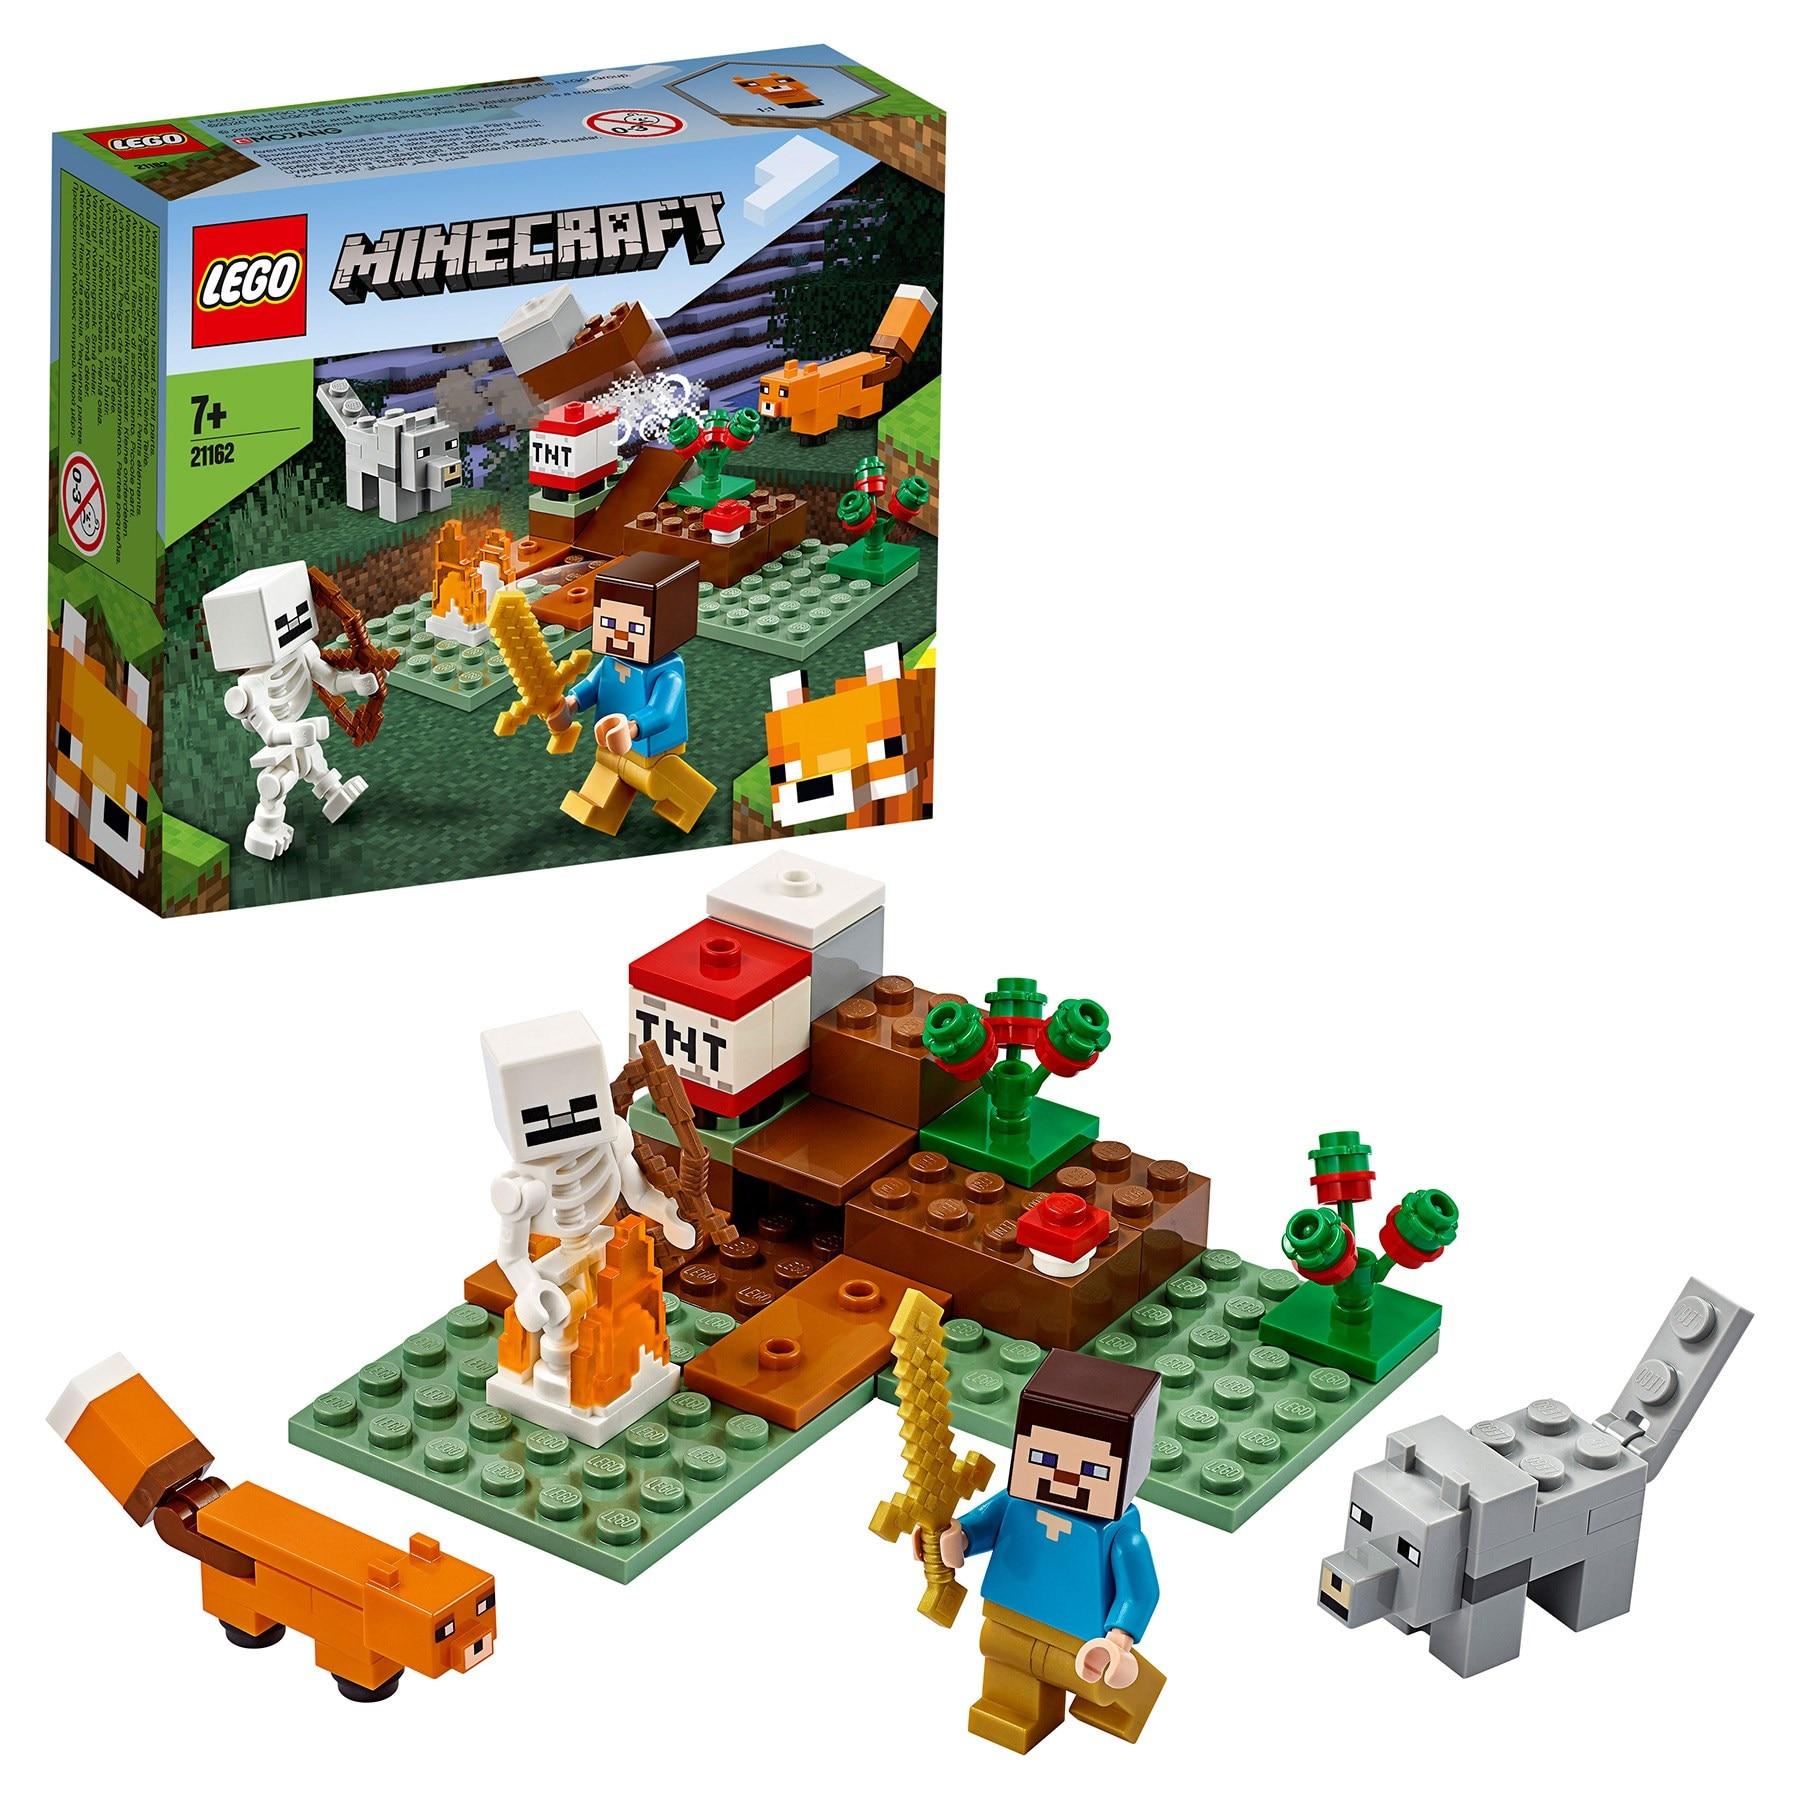 Designer Lego Minecraft 21162 Adventures In Taiga